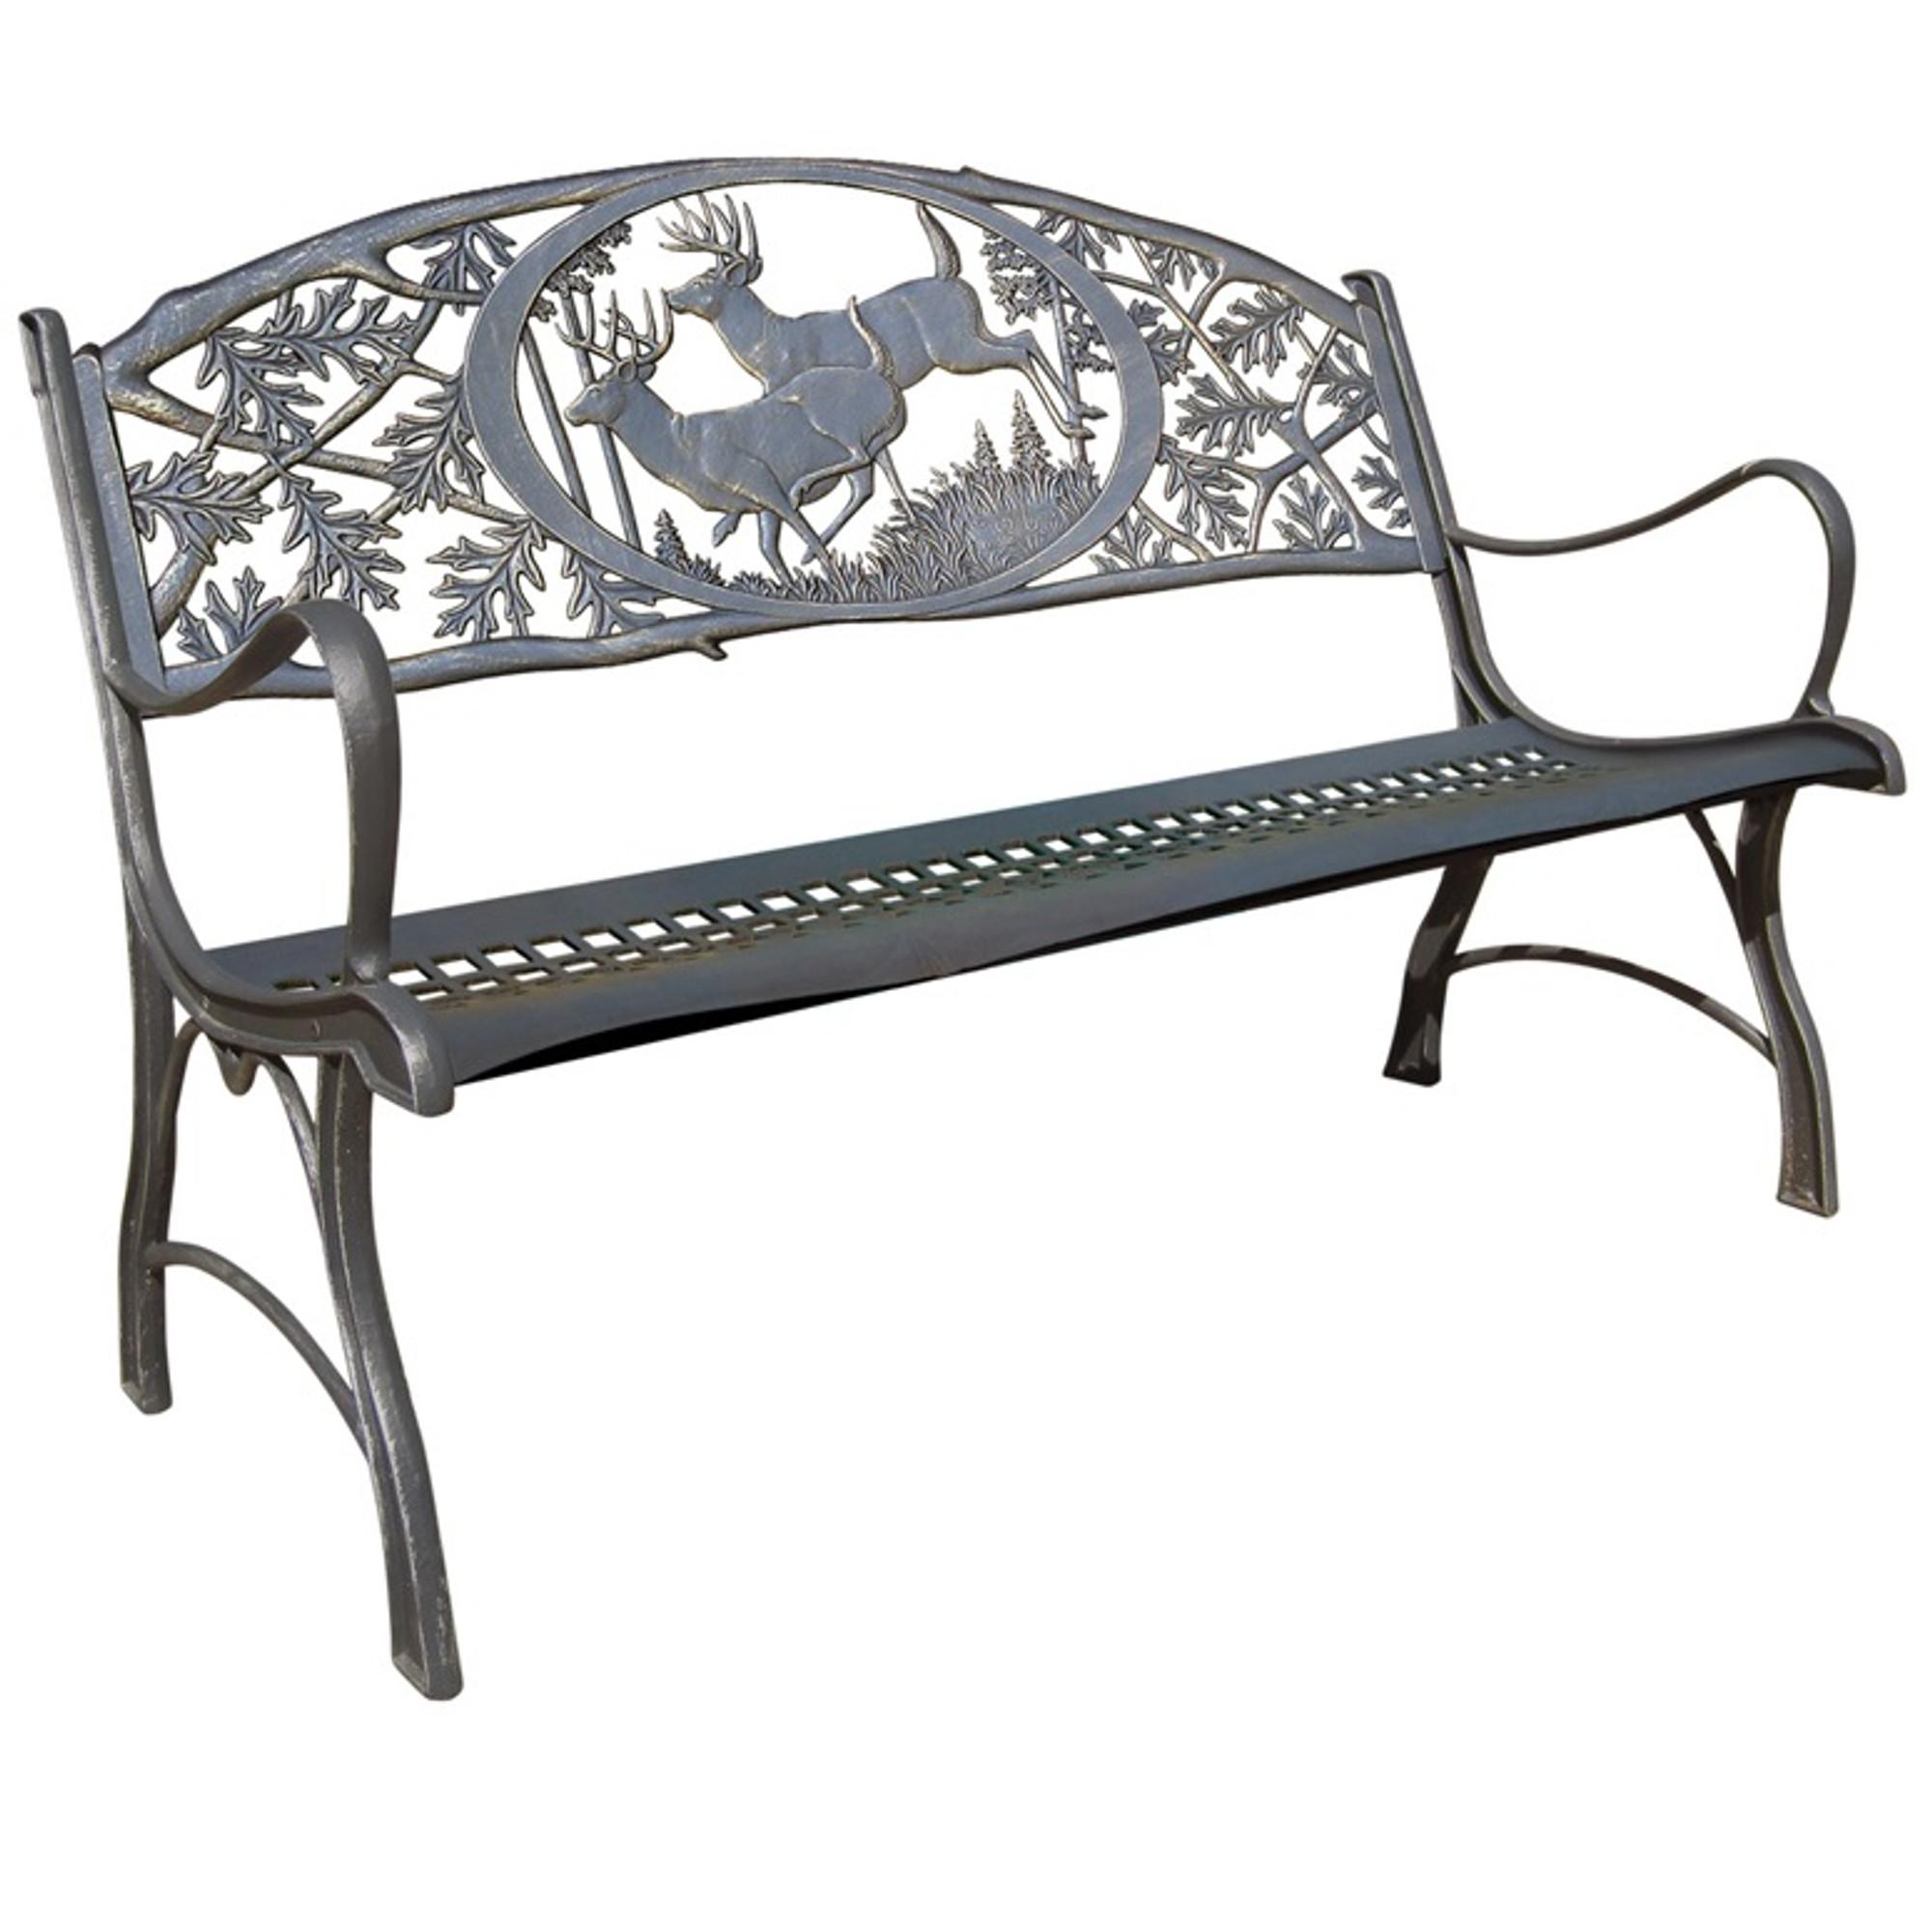 Deer Cast Iron Garden Bench | Painted Sky | PSPB IBK 100BR